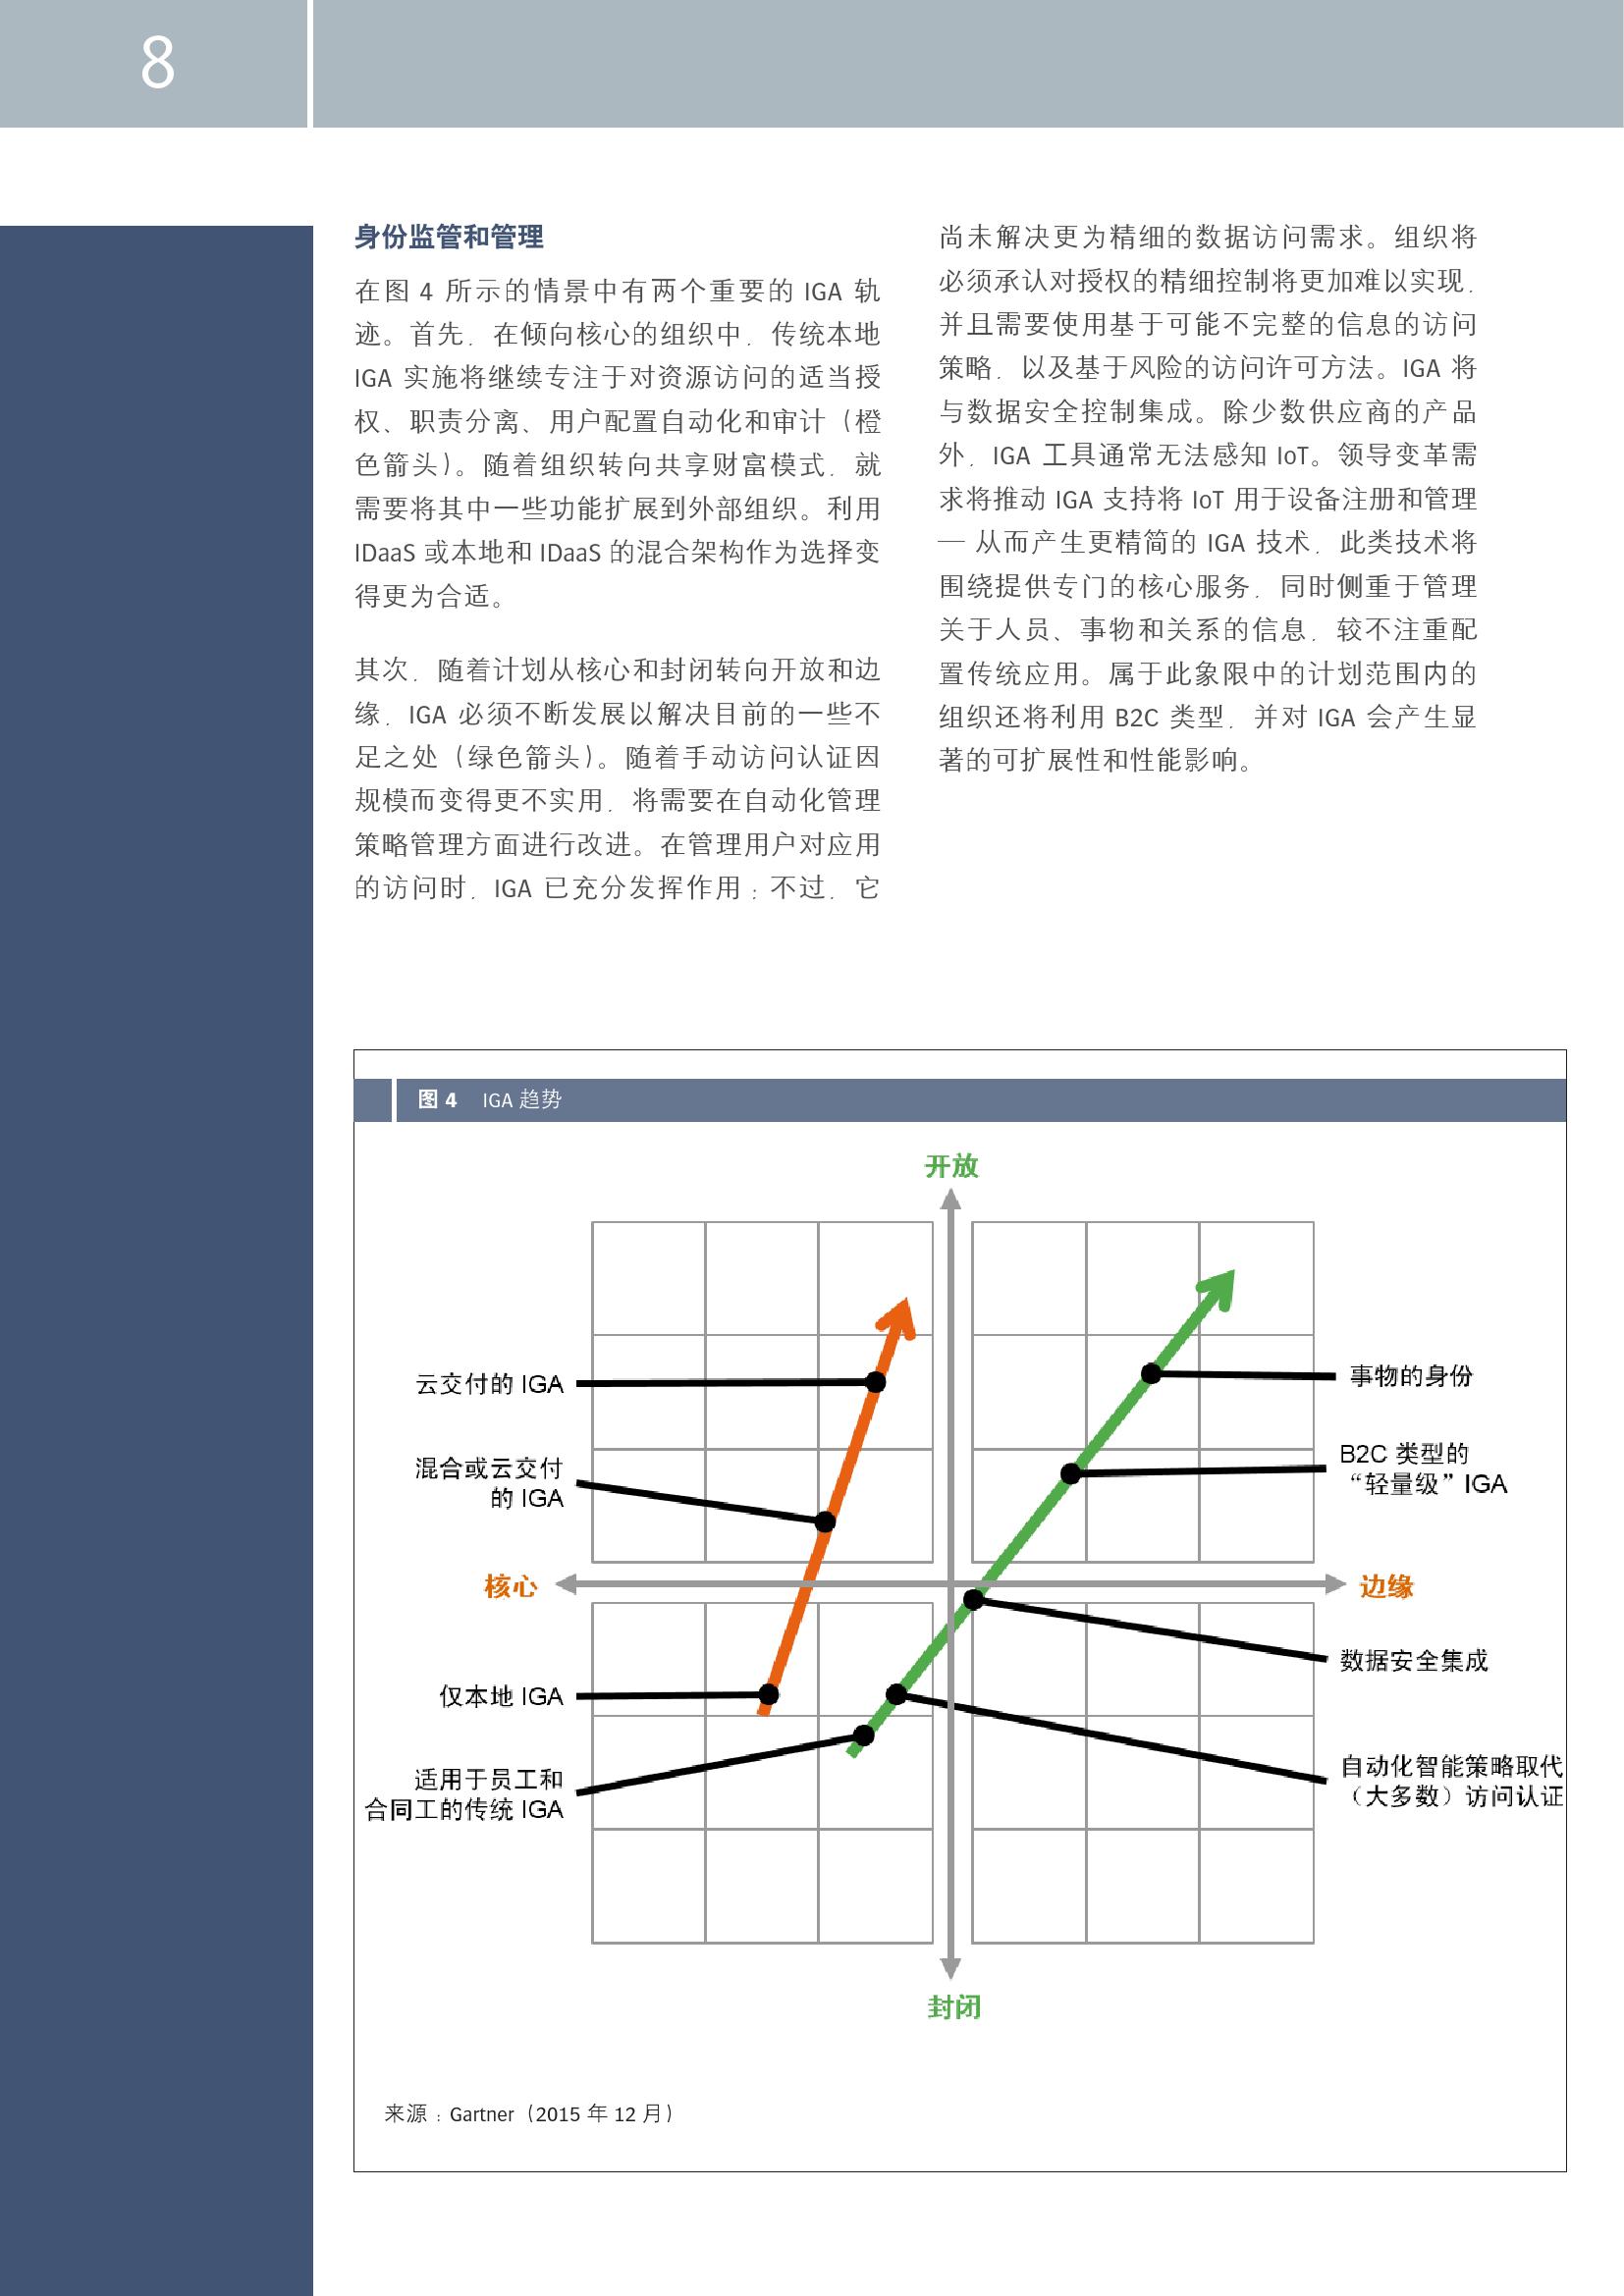 中国企业市场前瞻_000008